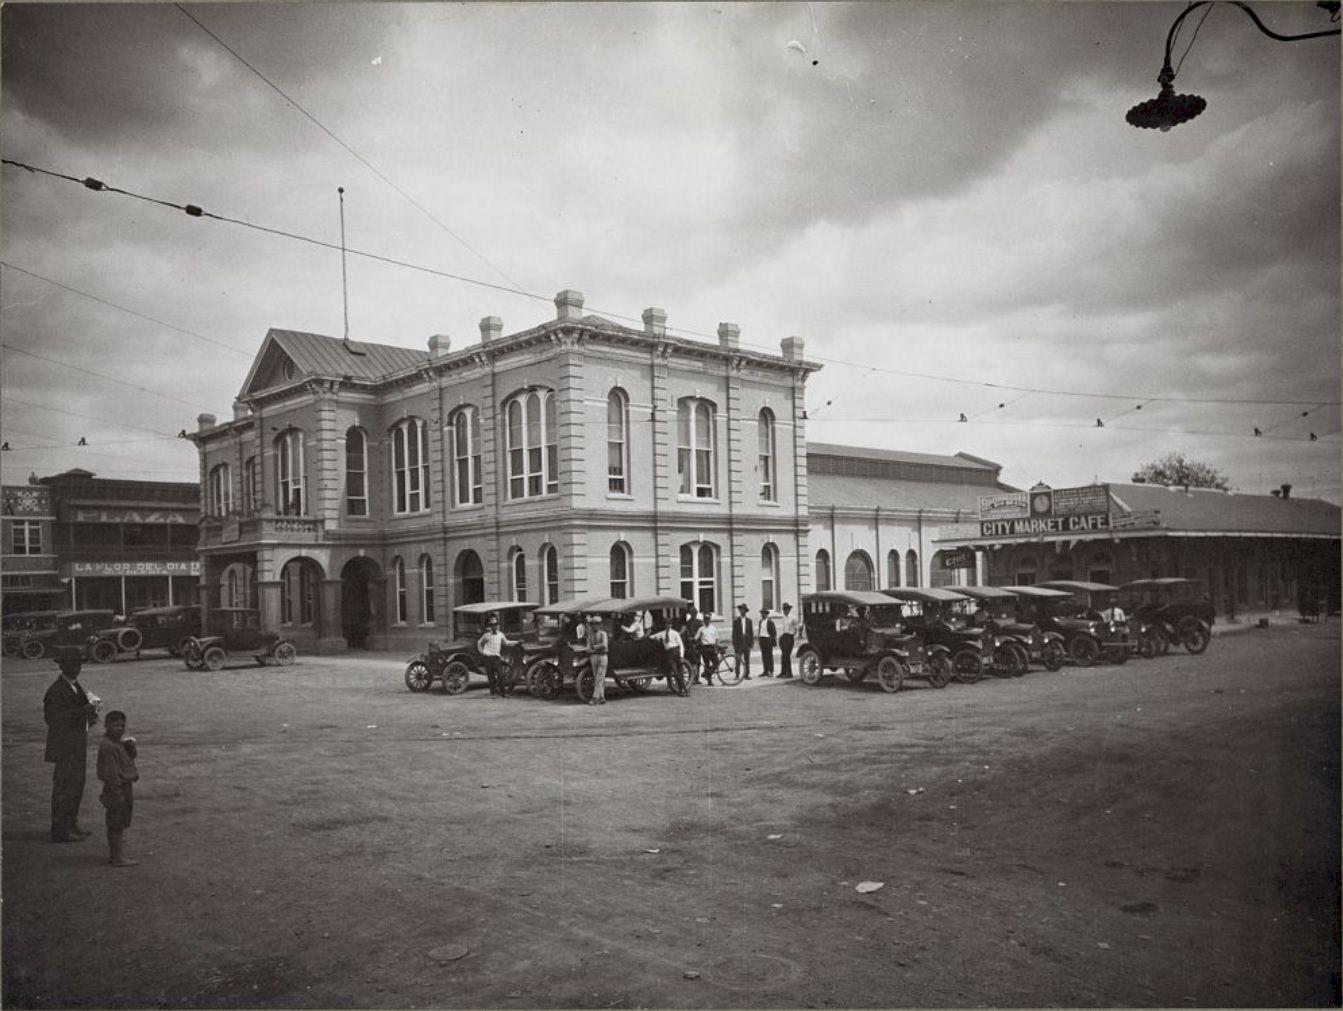 Laredo TX City Market Cafe